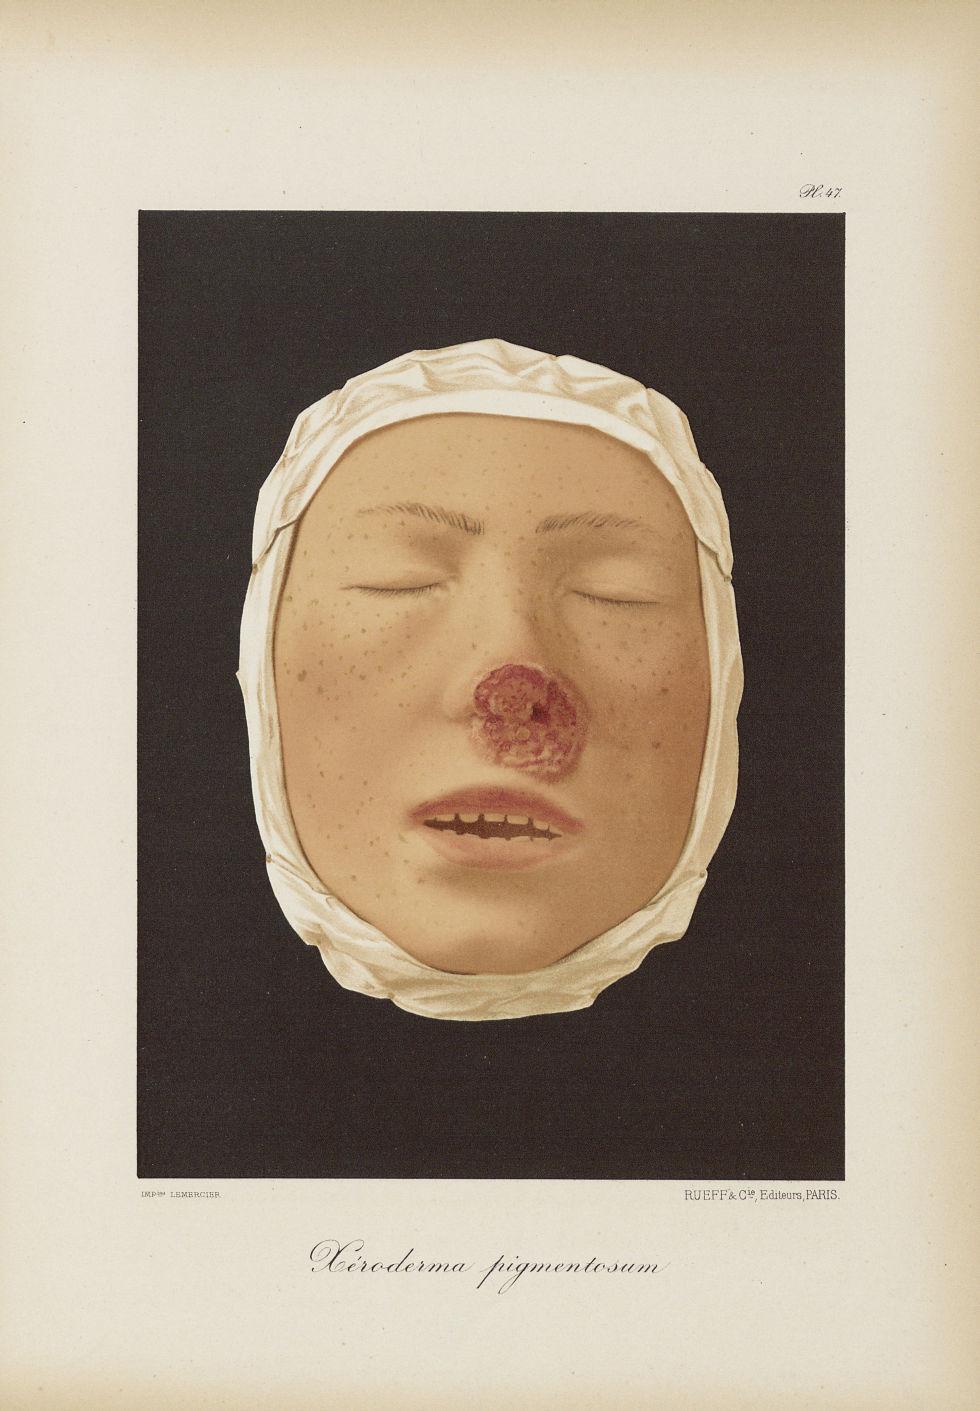 Xeroderma pigmentosum - Le musée de l'hôpital Saint-Louis : iconographie des maladies cutanées et sy [...] - Dermatologie (peau). Visages (têtes). 19e siècle (France) - med01740x0371